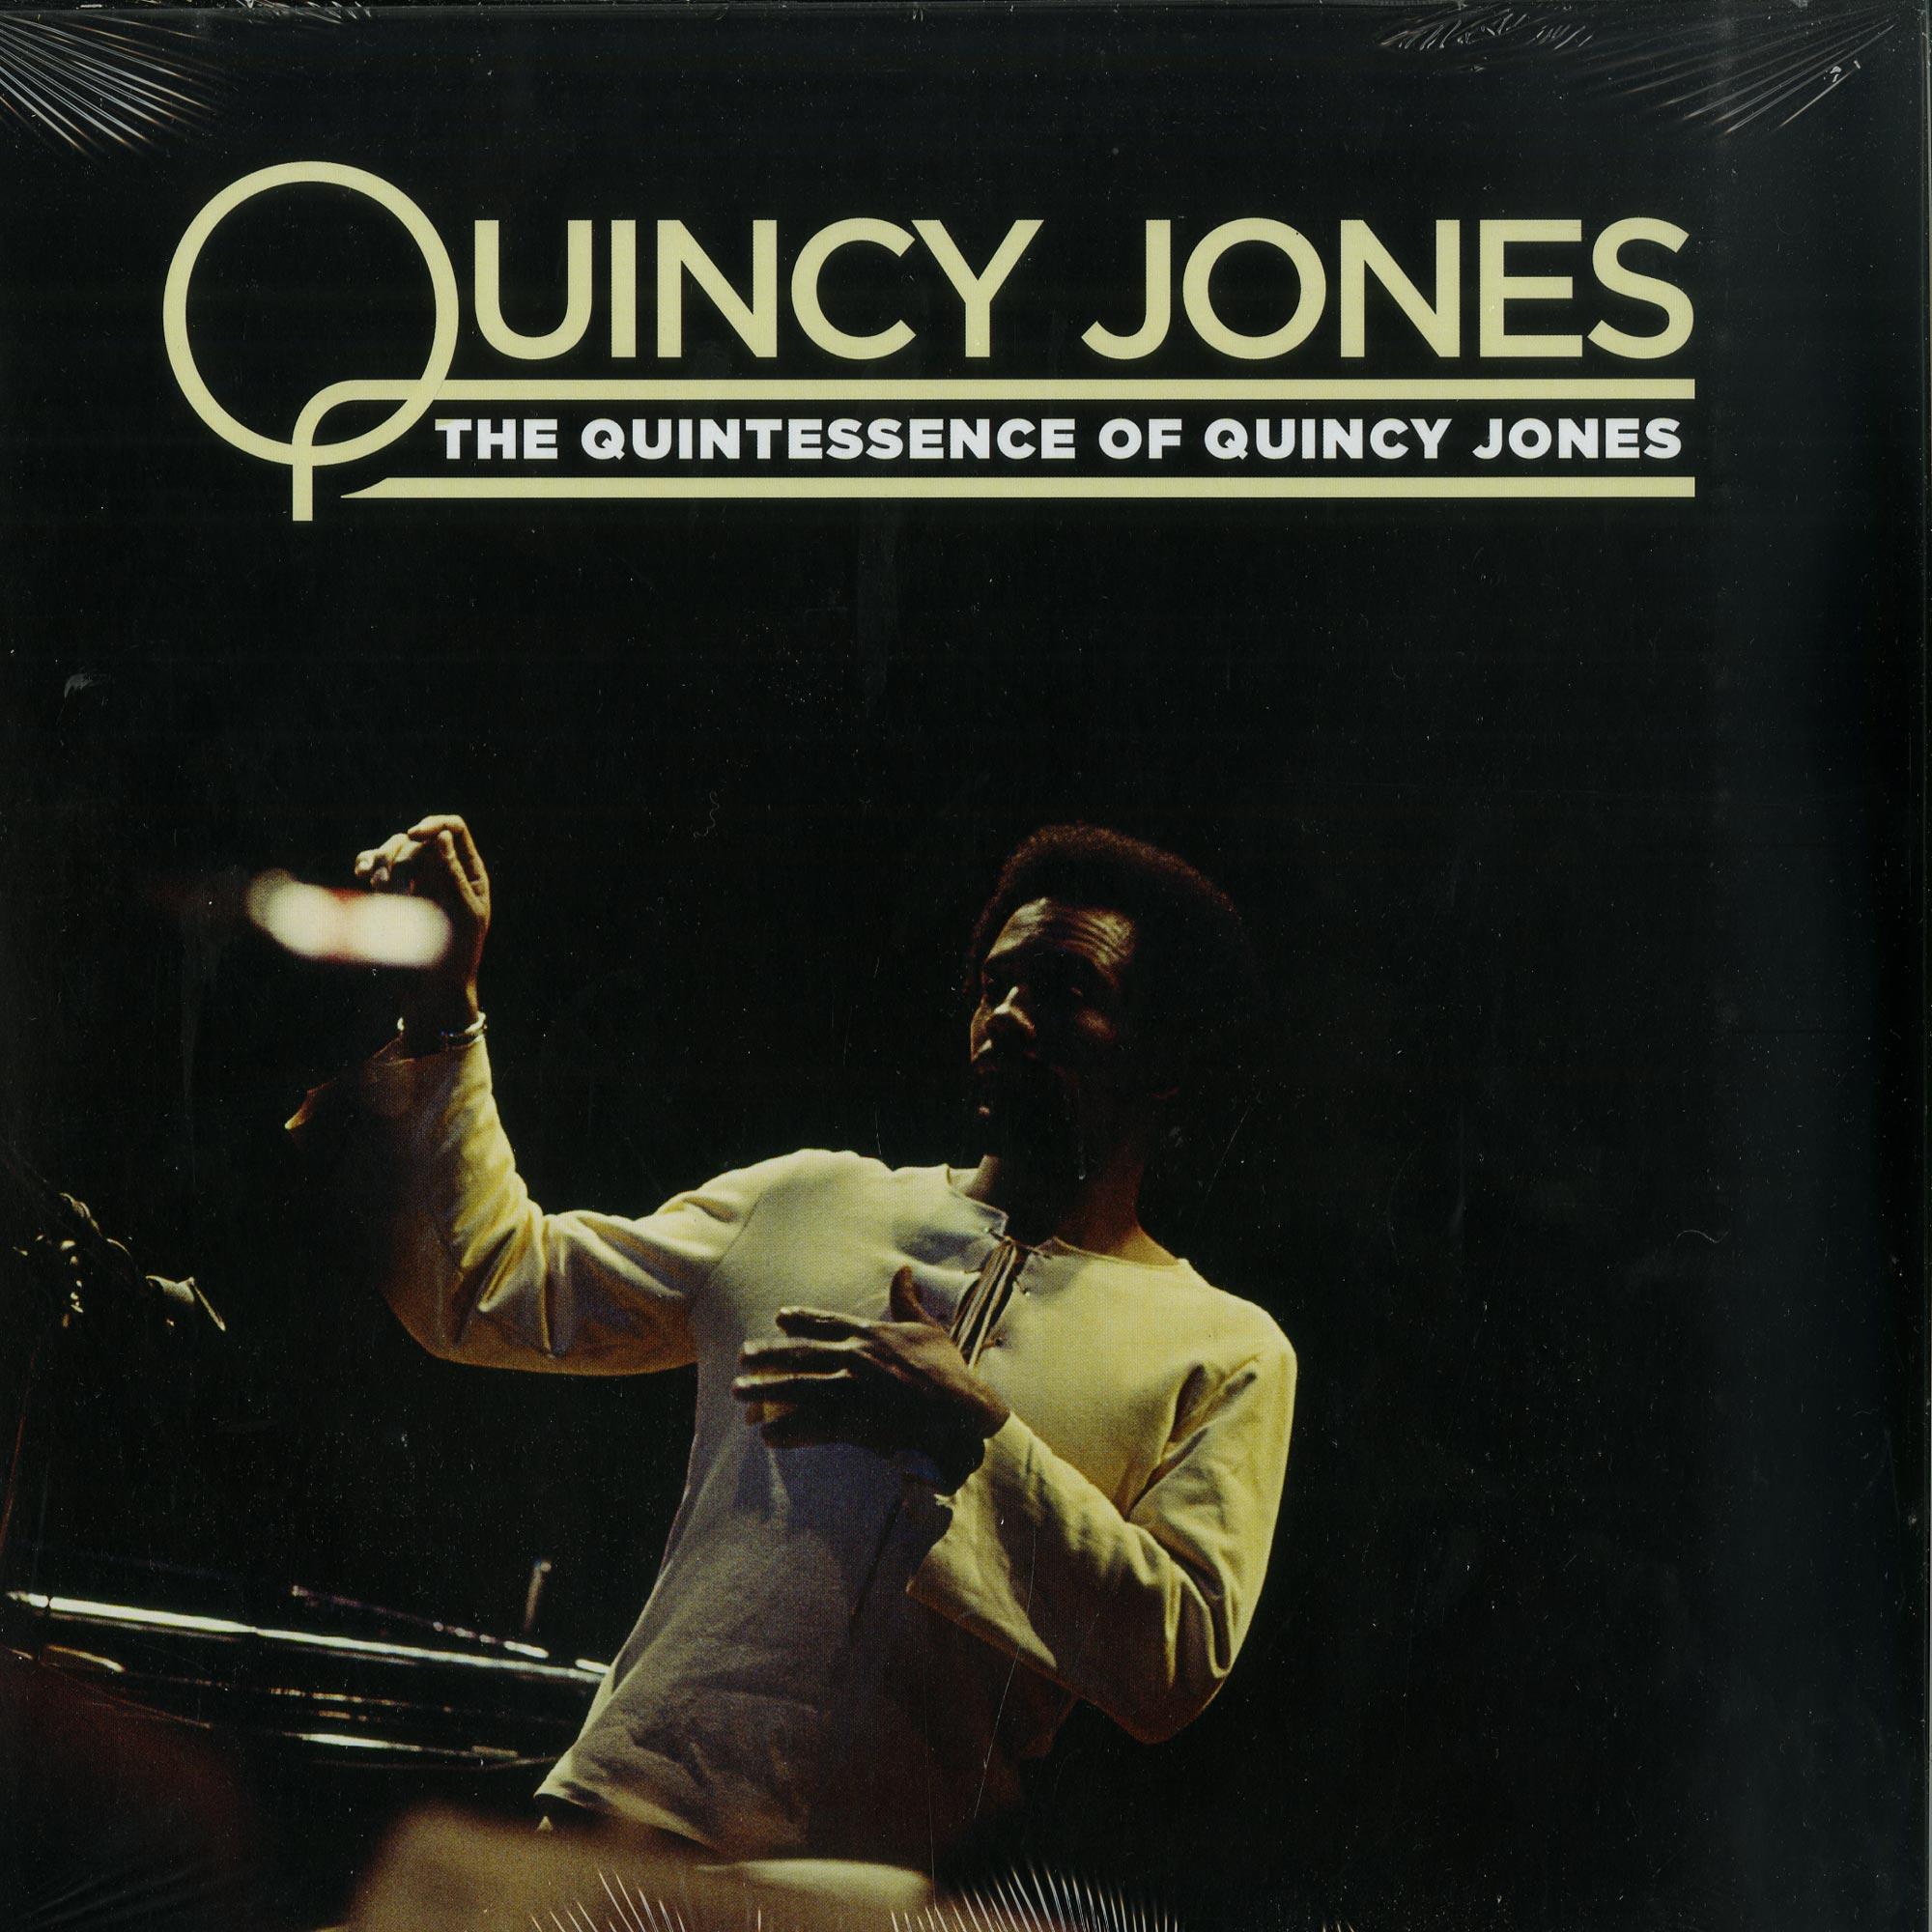 Quincy Jones - THE QUINTESSENCE OF QUINCY JONES